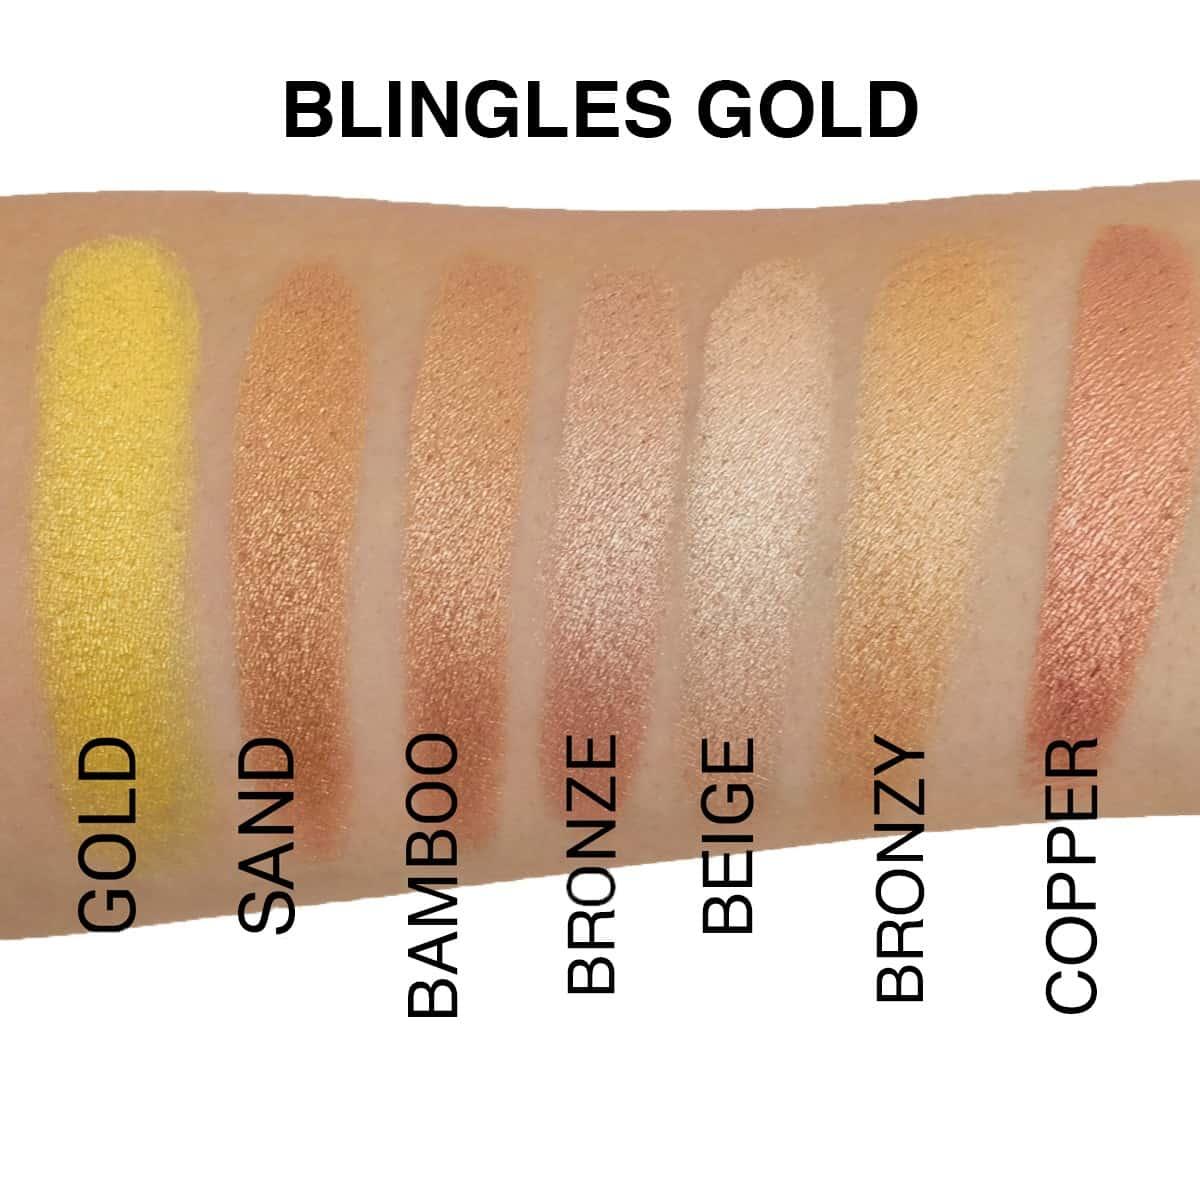 Blingles-Gold-1-min